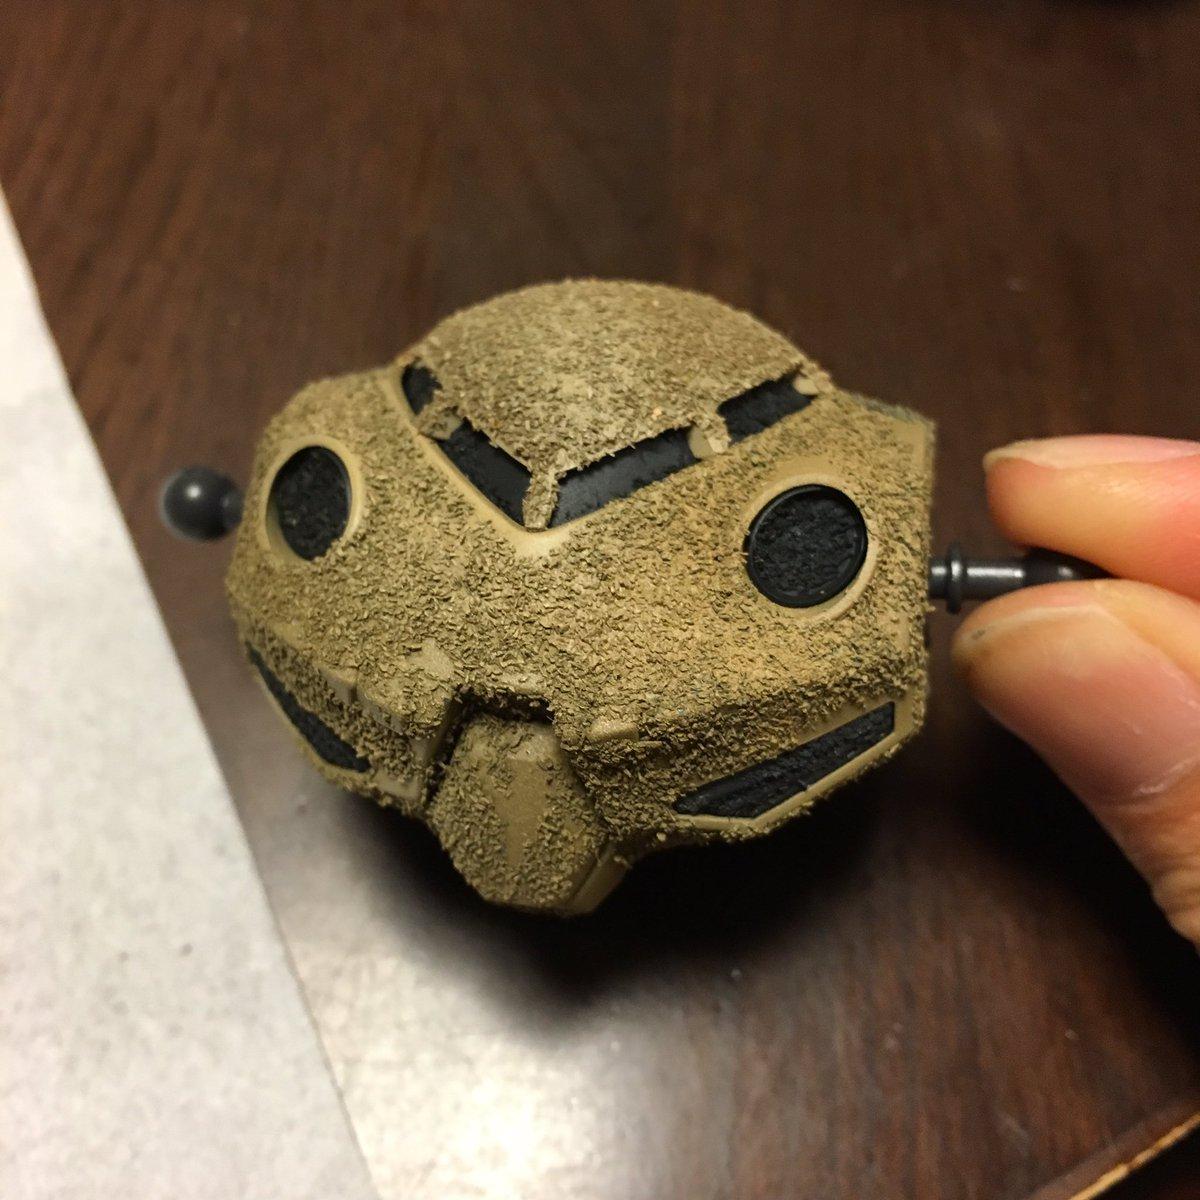 ズゴックEの胴体完成モノアイ部分はパテで埋めて潰しましたサンダーボルトのようにモノアイがたまに光る感じが好きなんですパウ